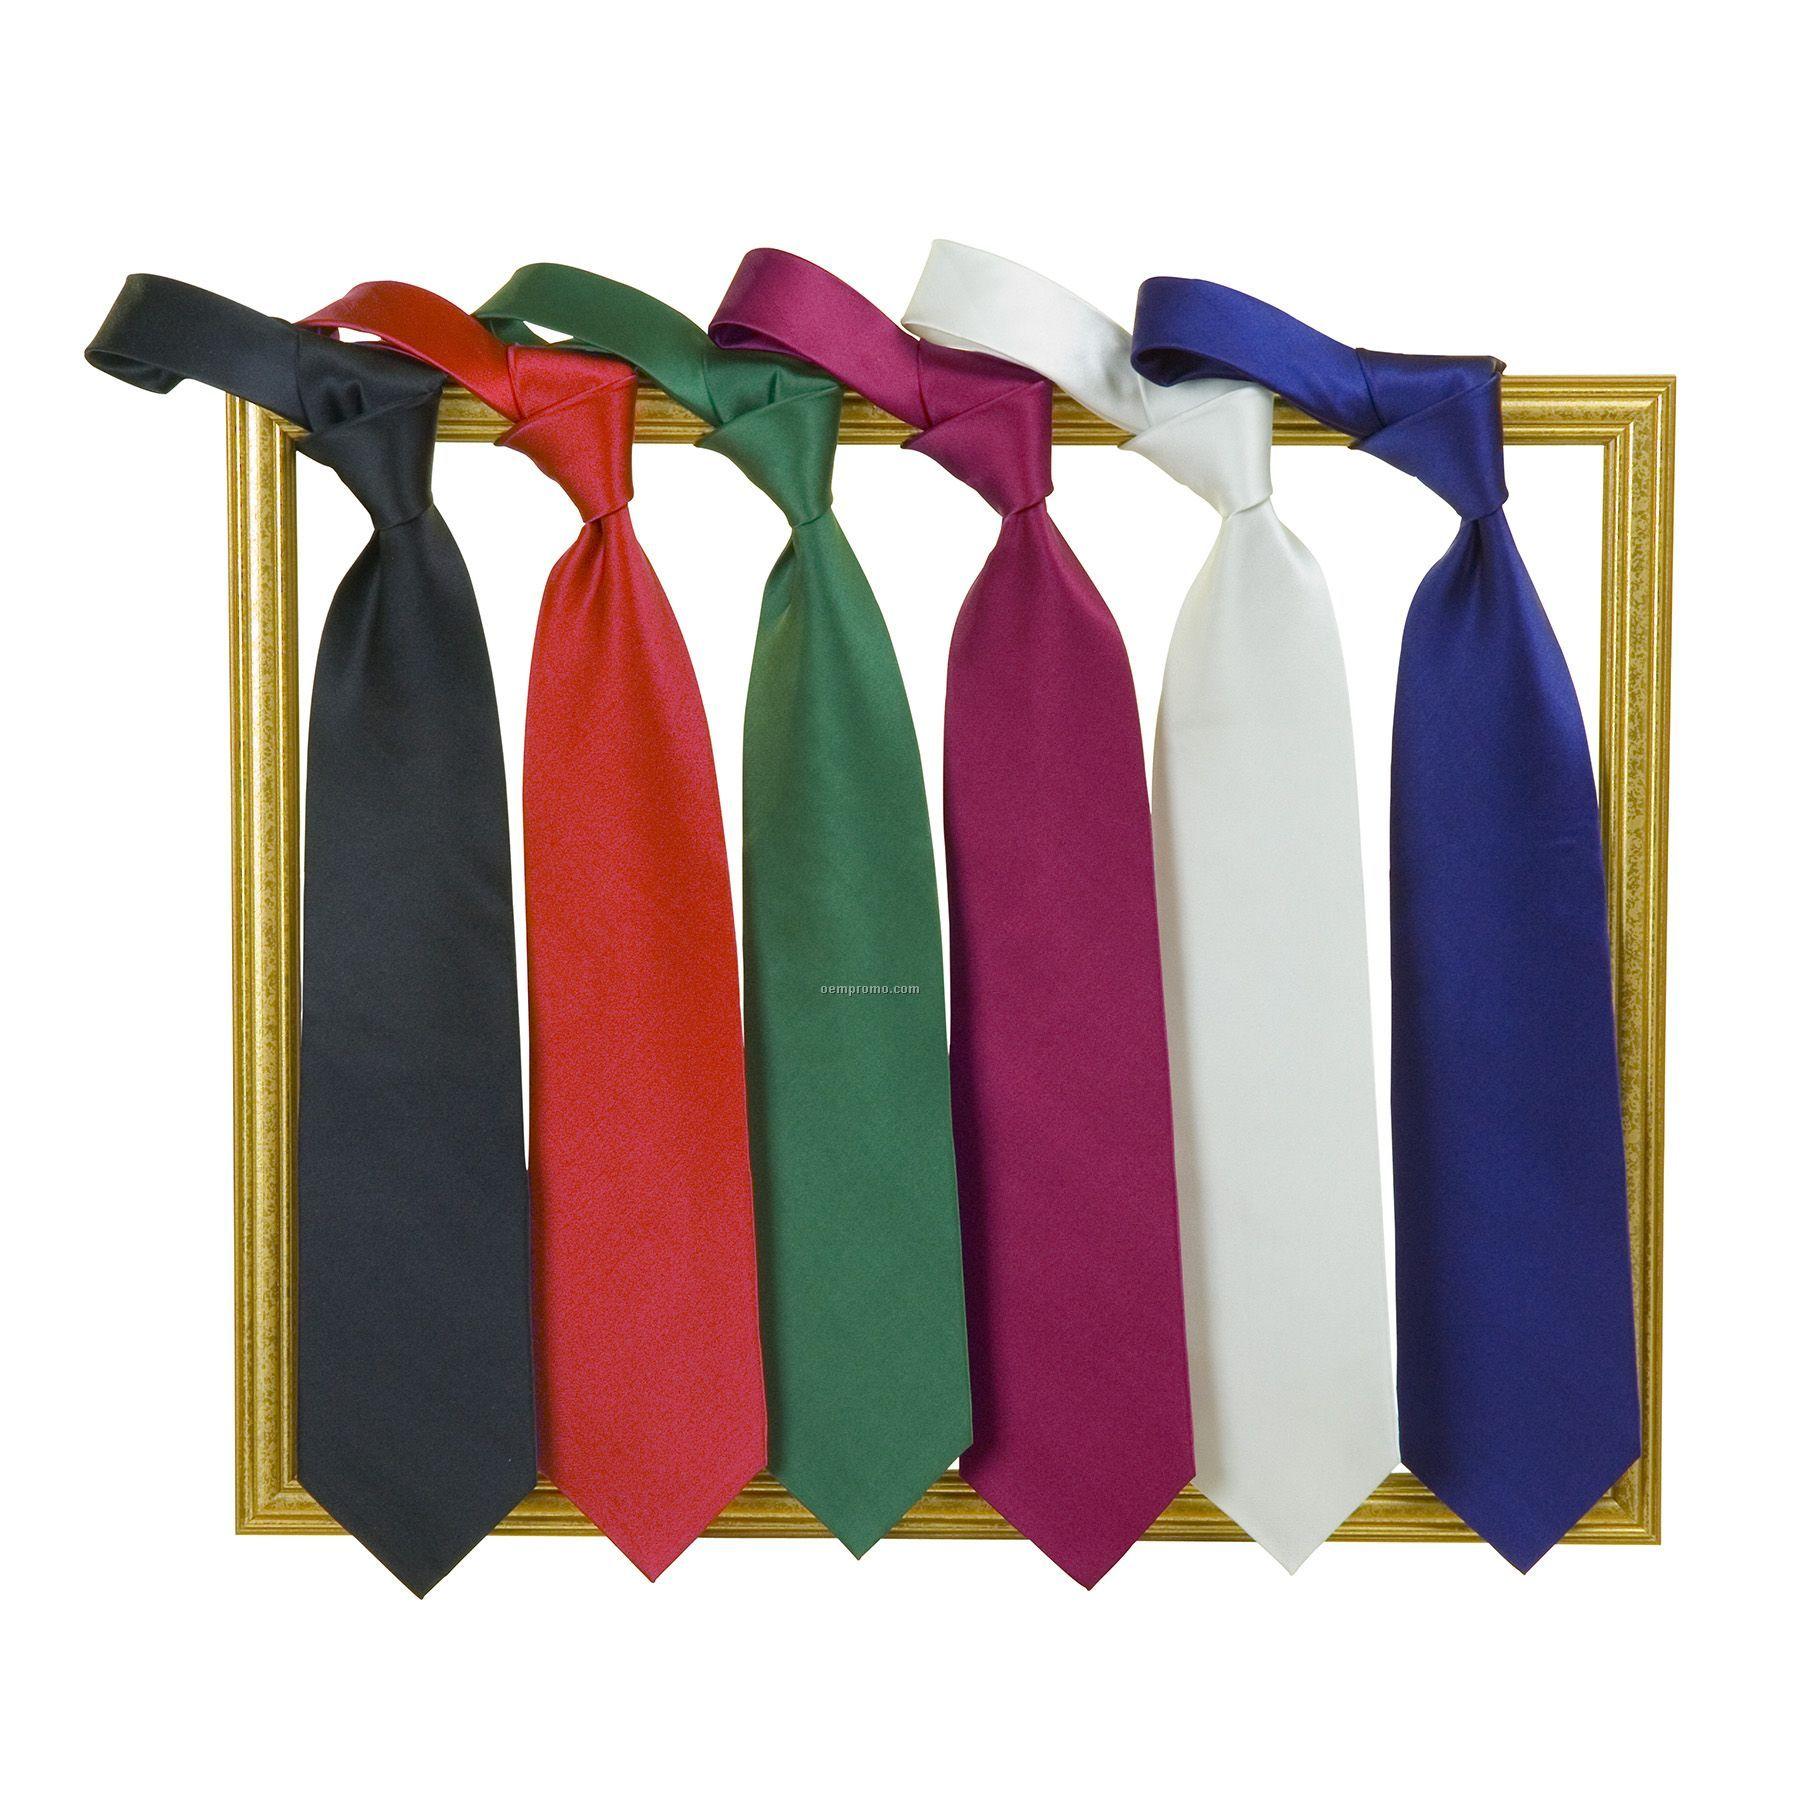 Solid Black Necktie - 100% Silk